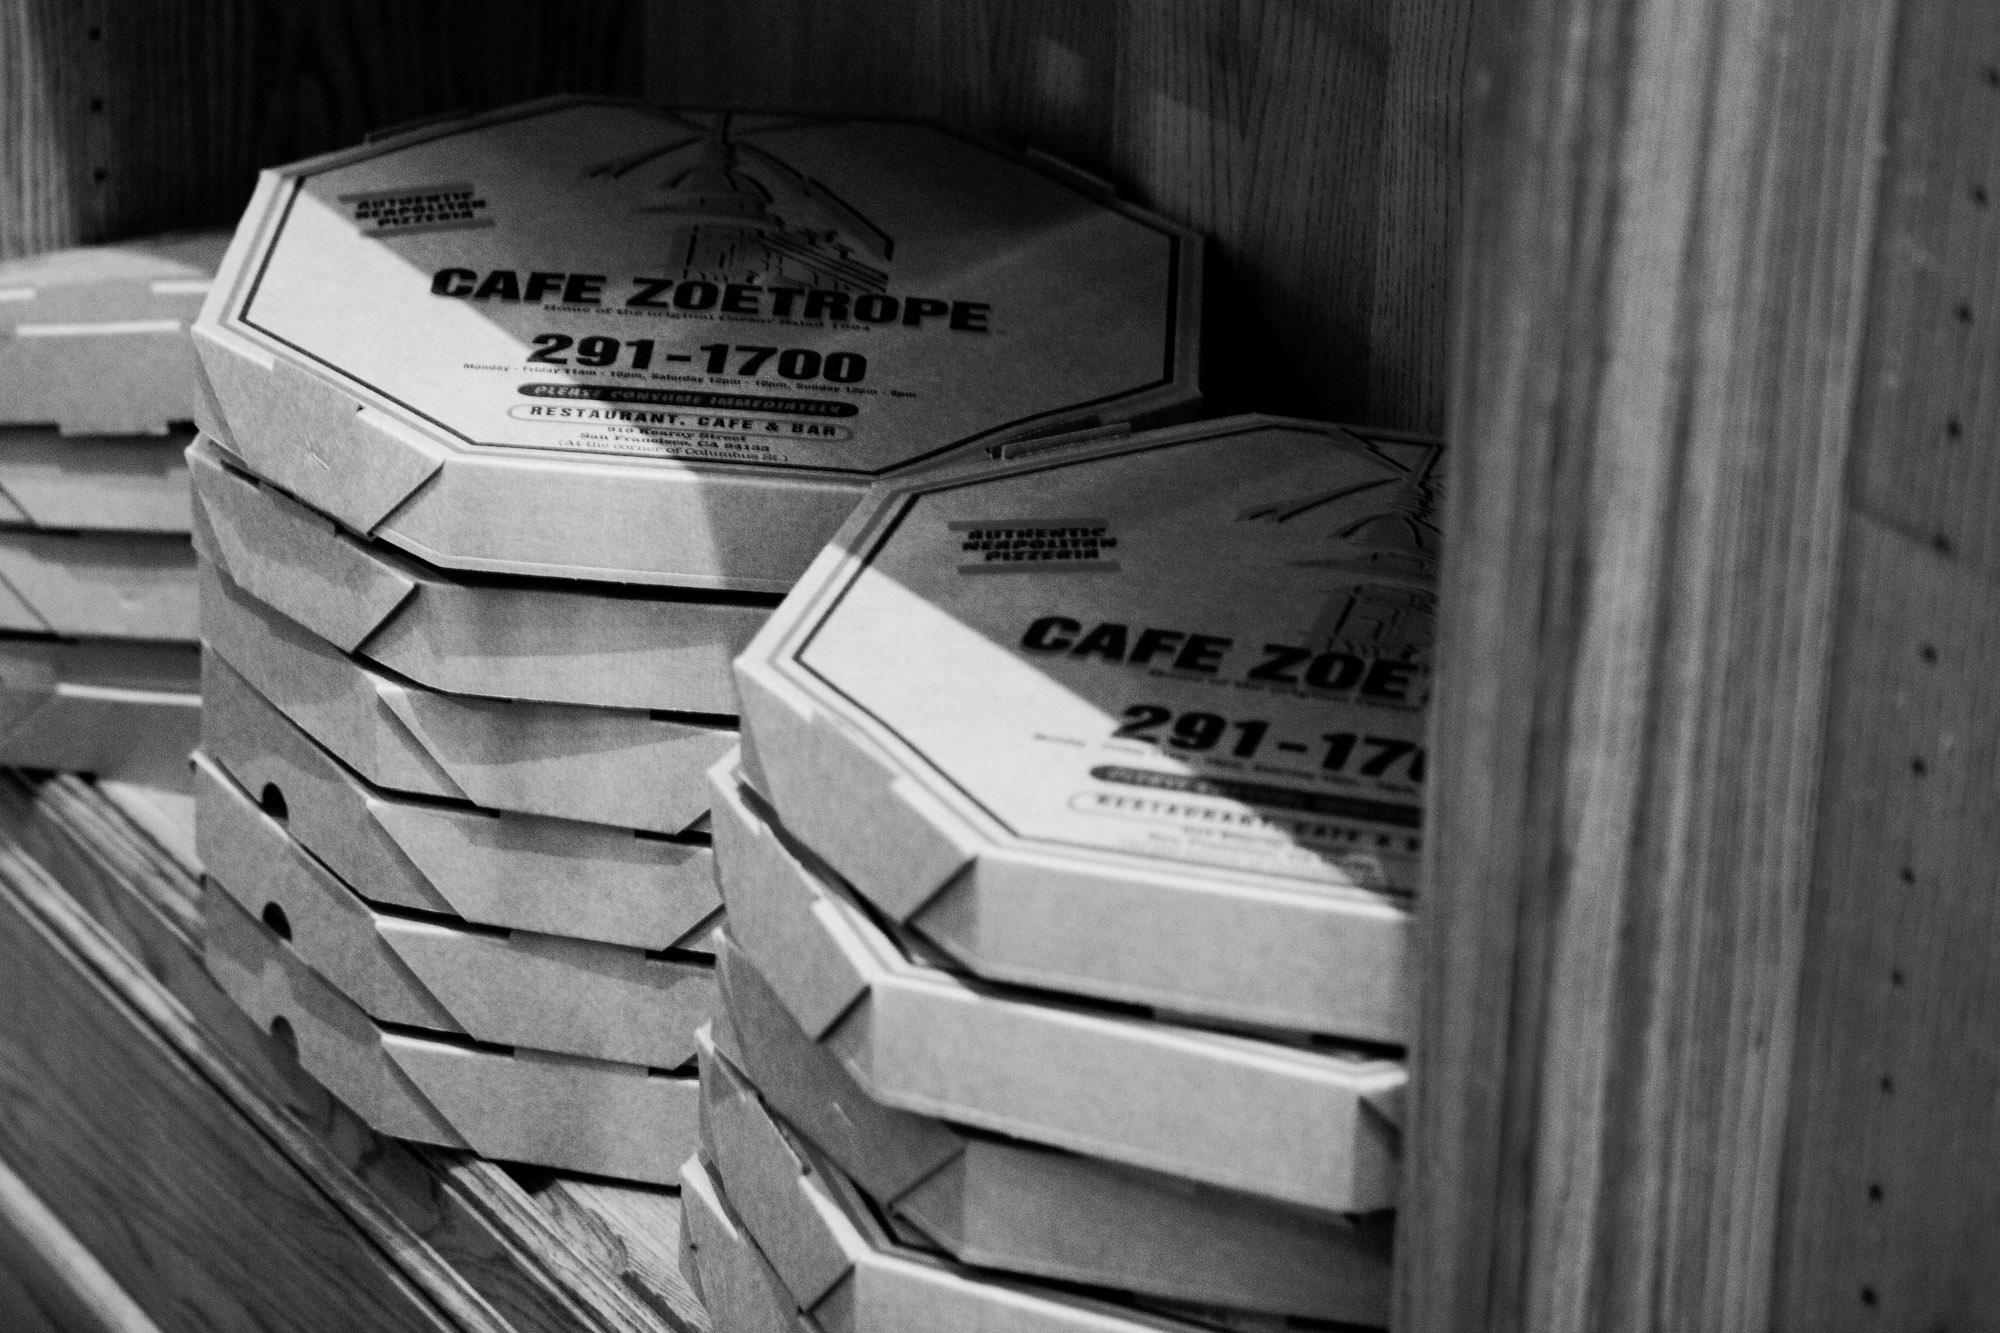 cafe zoetrope